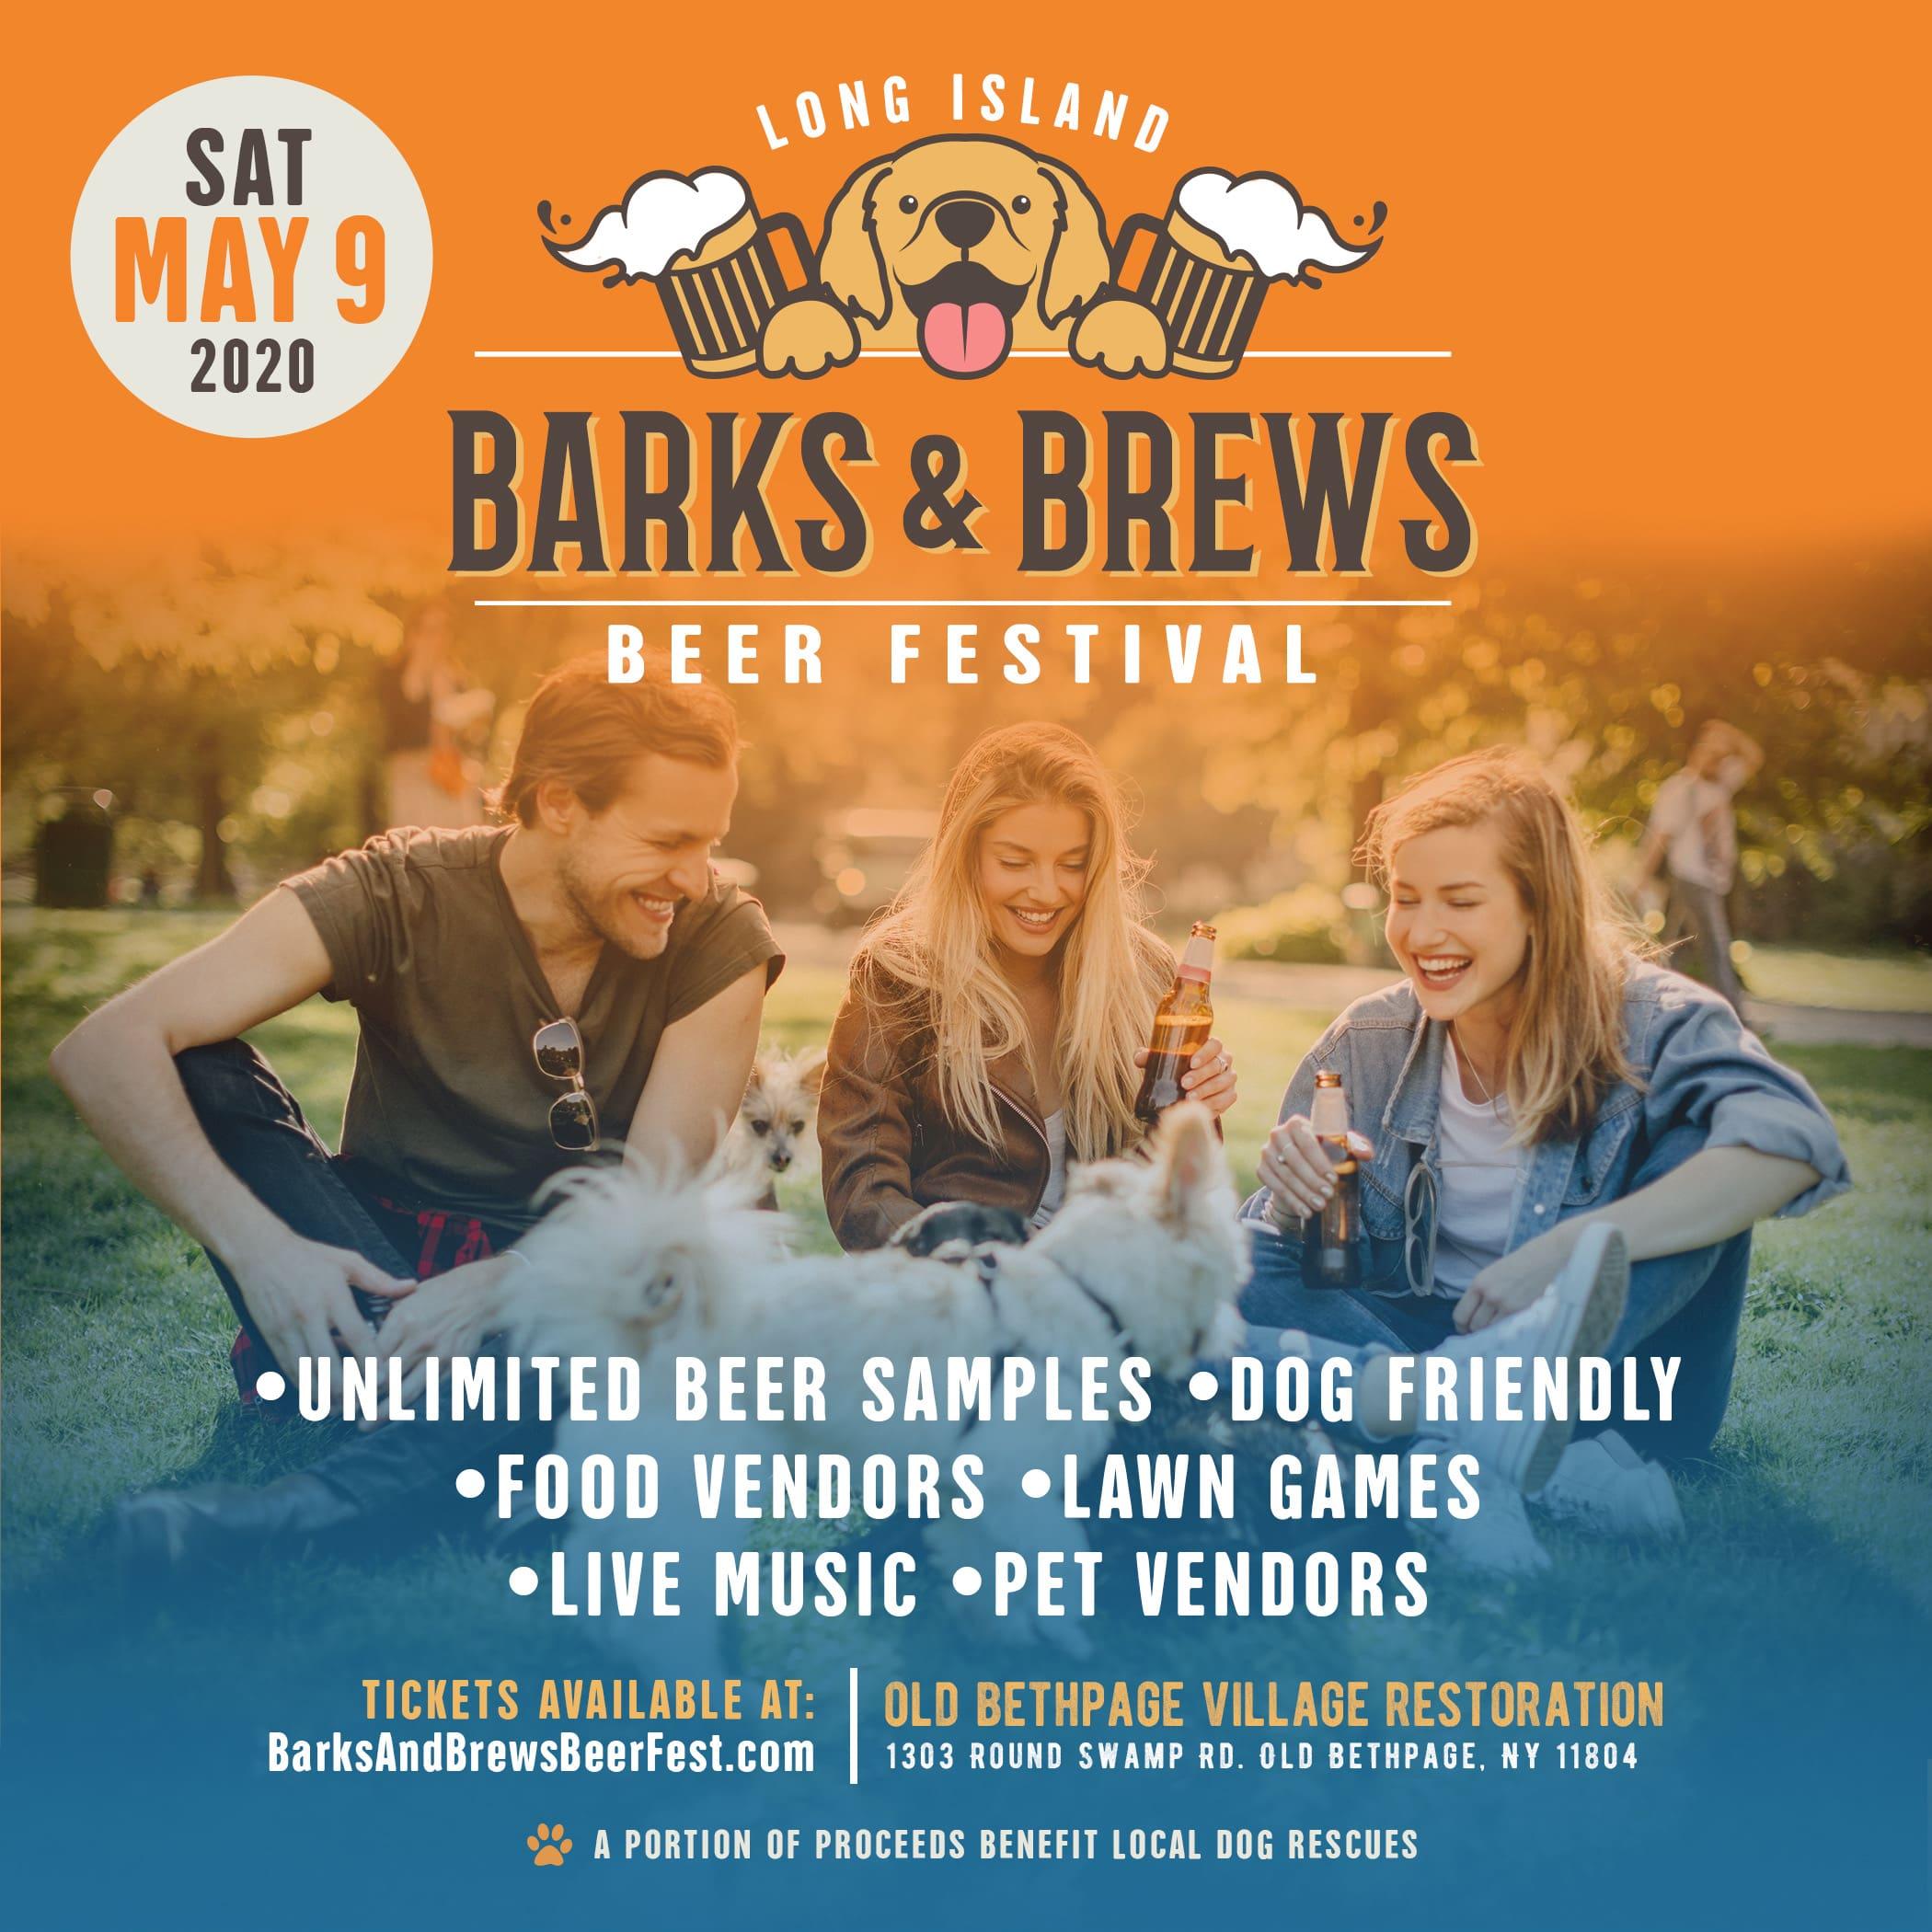 Barks & Brews Beer Festival 2020